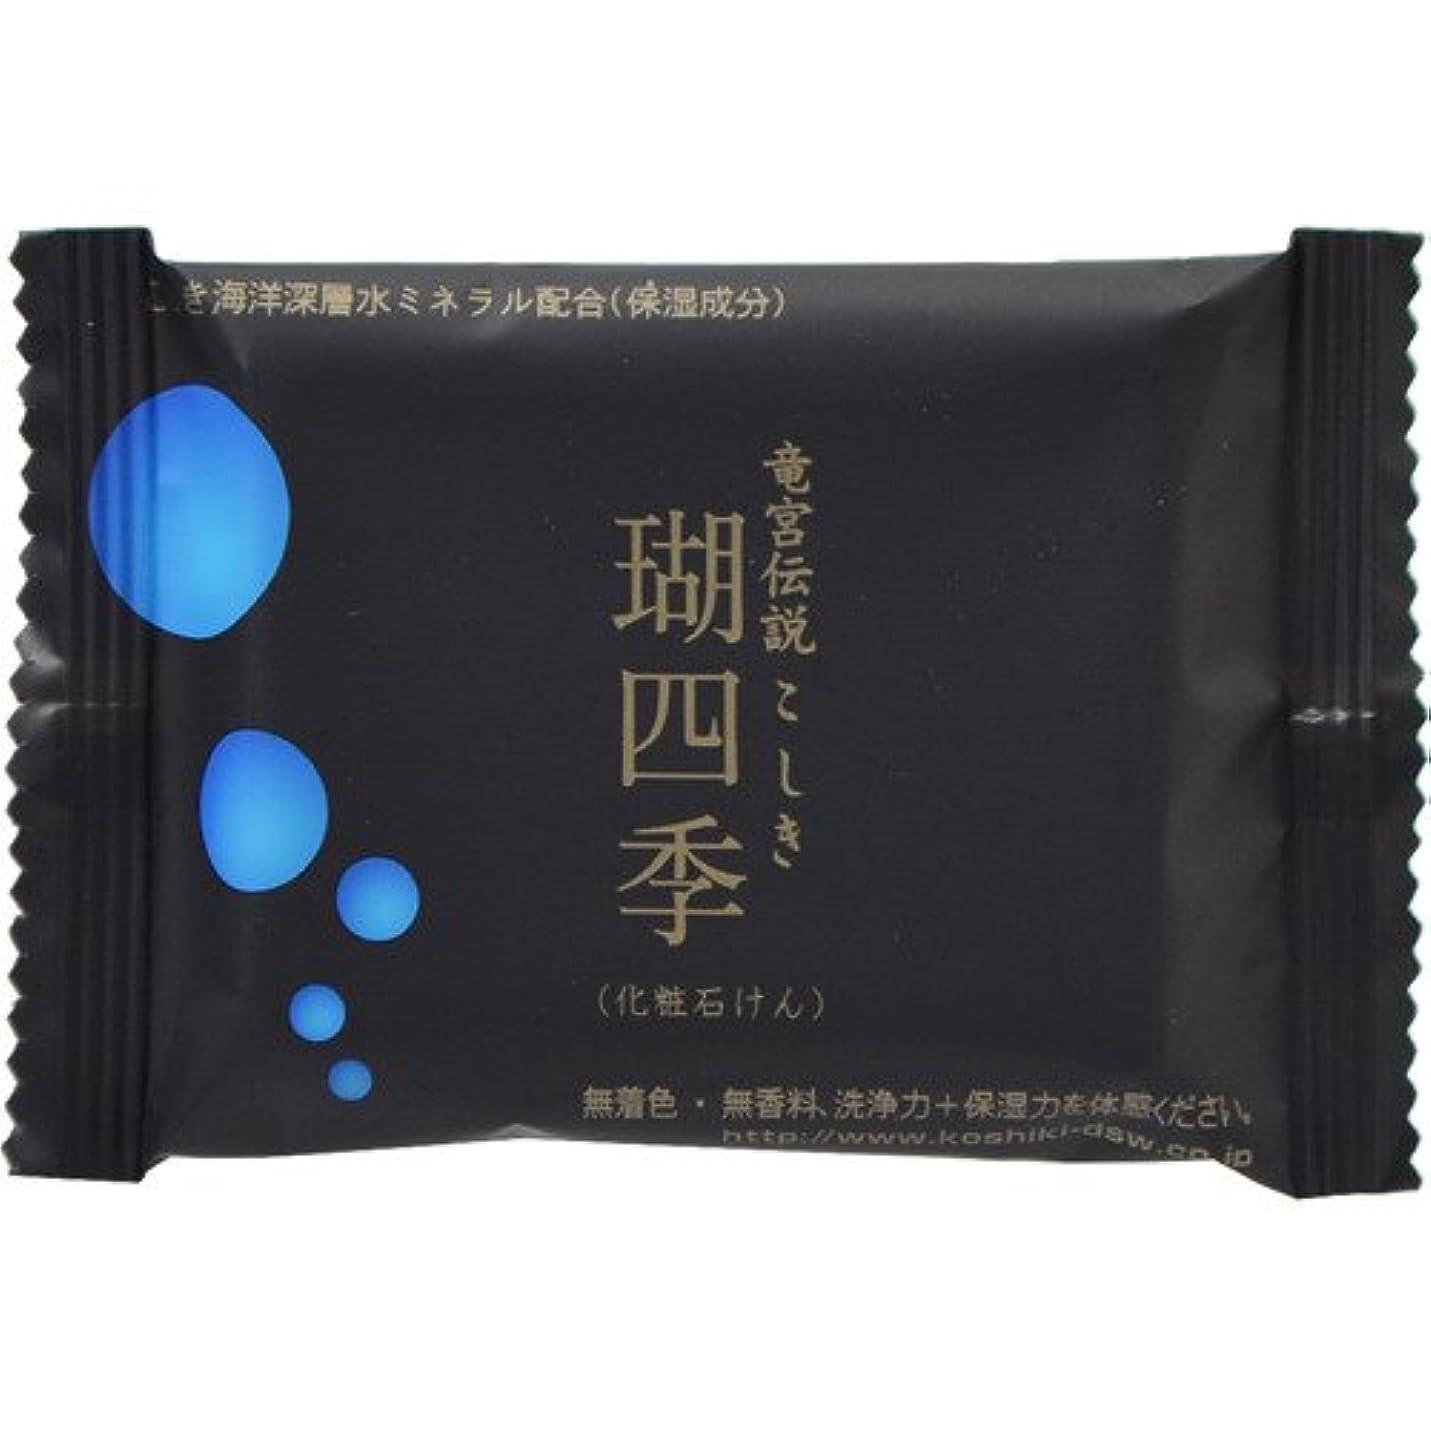 優しさ不愉快松の木瑚四季 化粧石鹸 30g